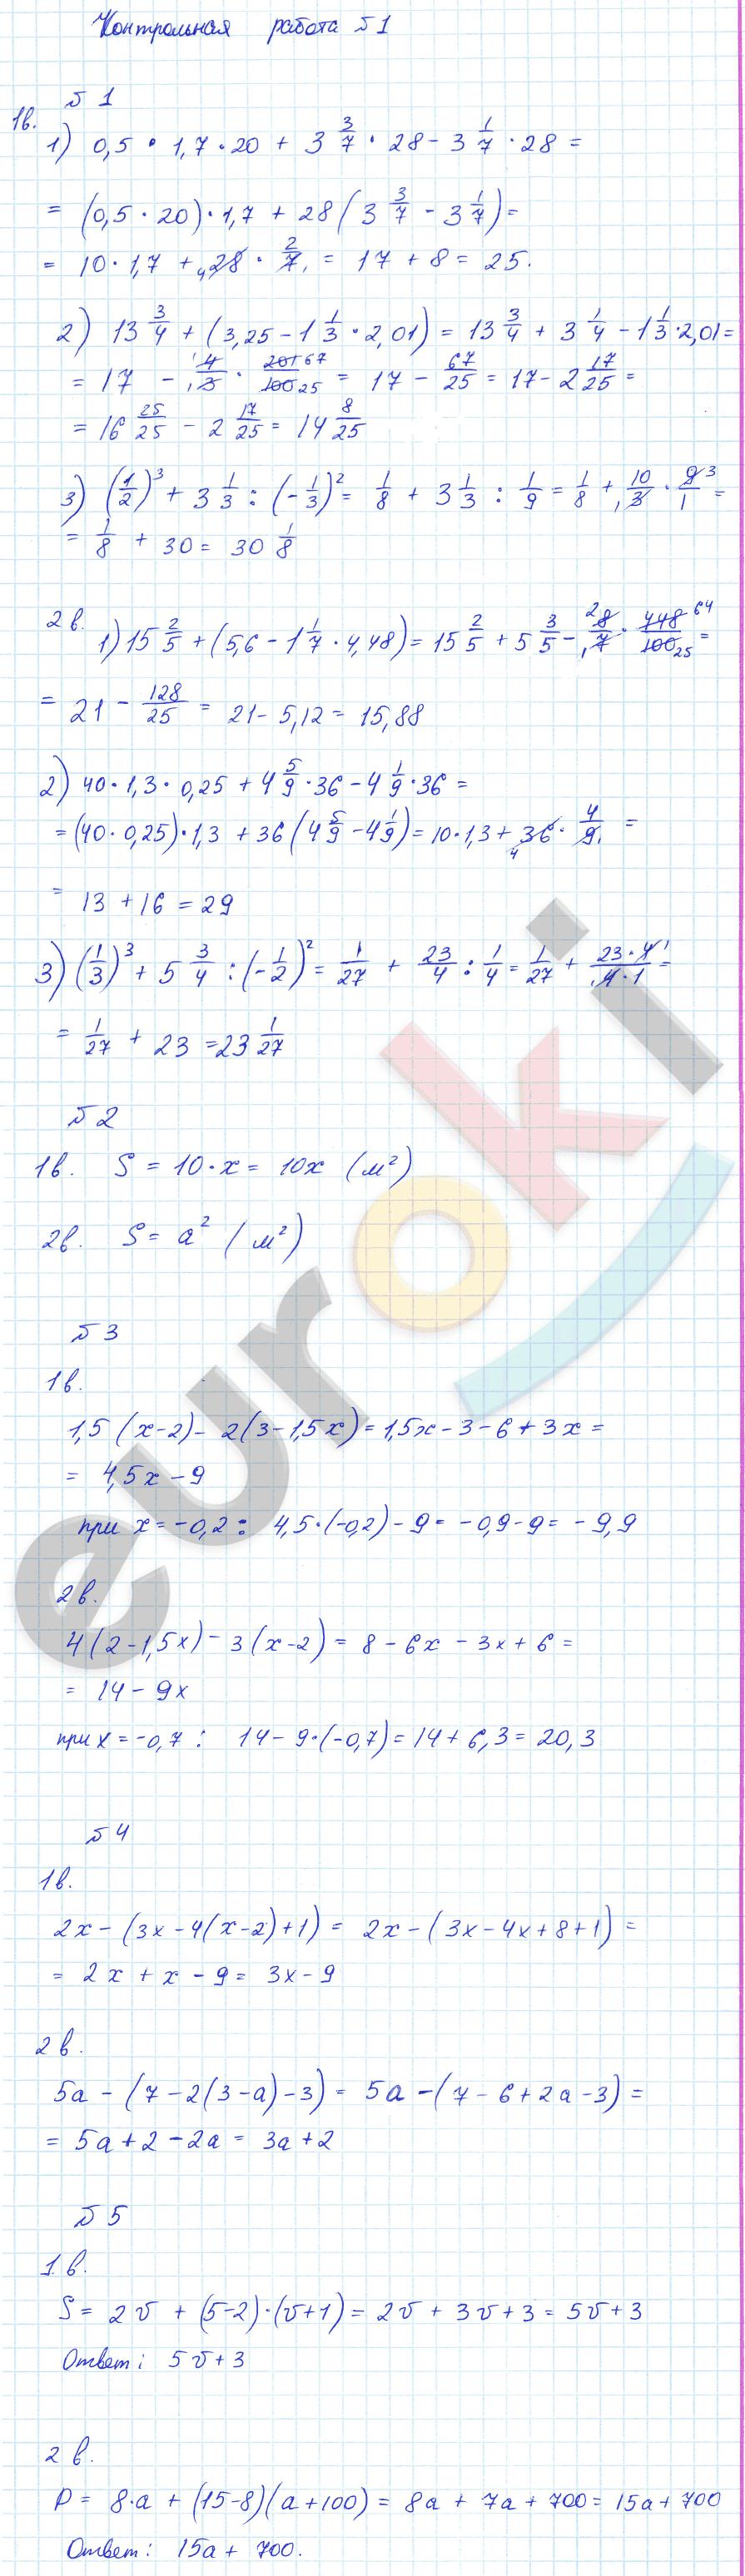 По ткачева решебник класс 7 дидактического федоров материала алгебре